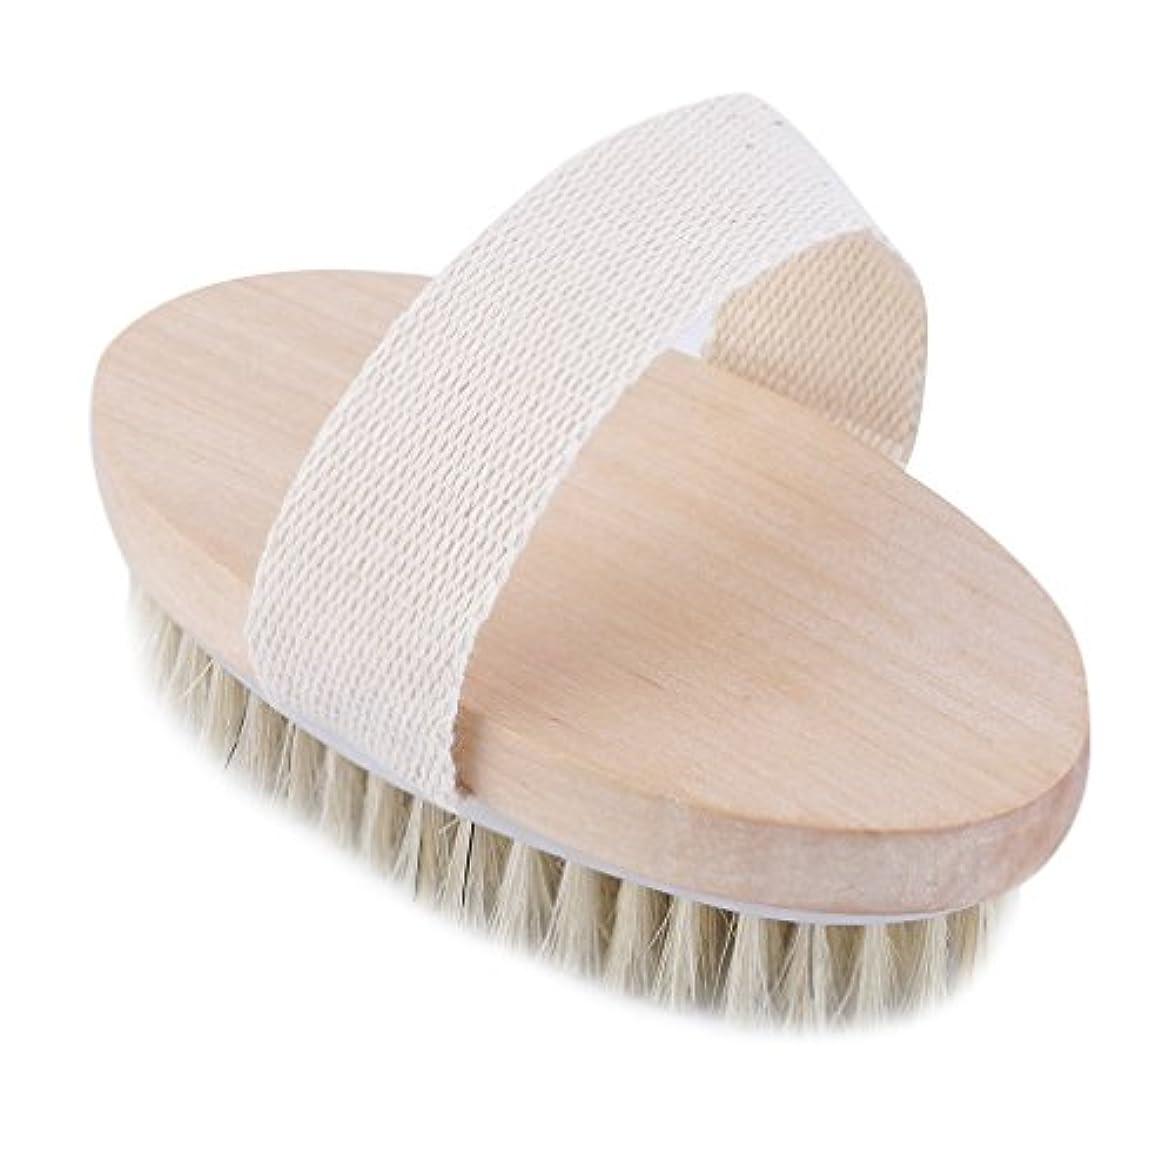 自分の力ですべてをするカスタム多くの危険がある状況Nerhaily 豚毛 天然素材 木製 短柄 ボディブラシ 足を洗う 角質除去 美肌 バス用品